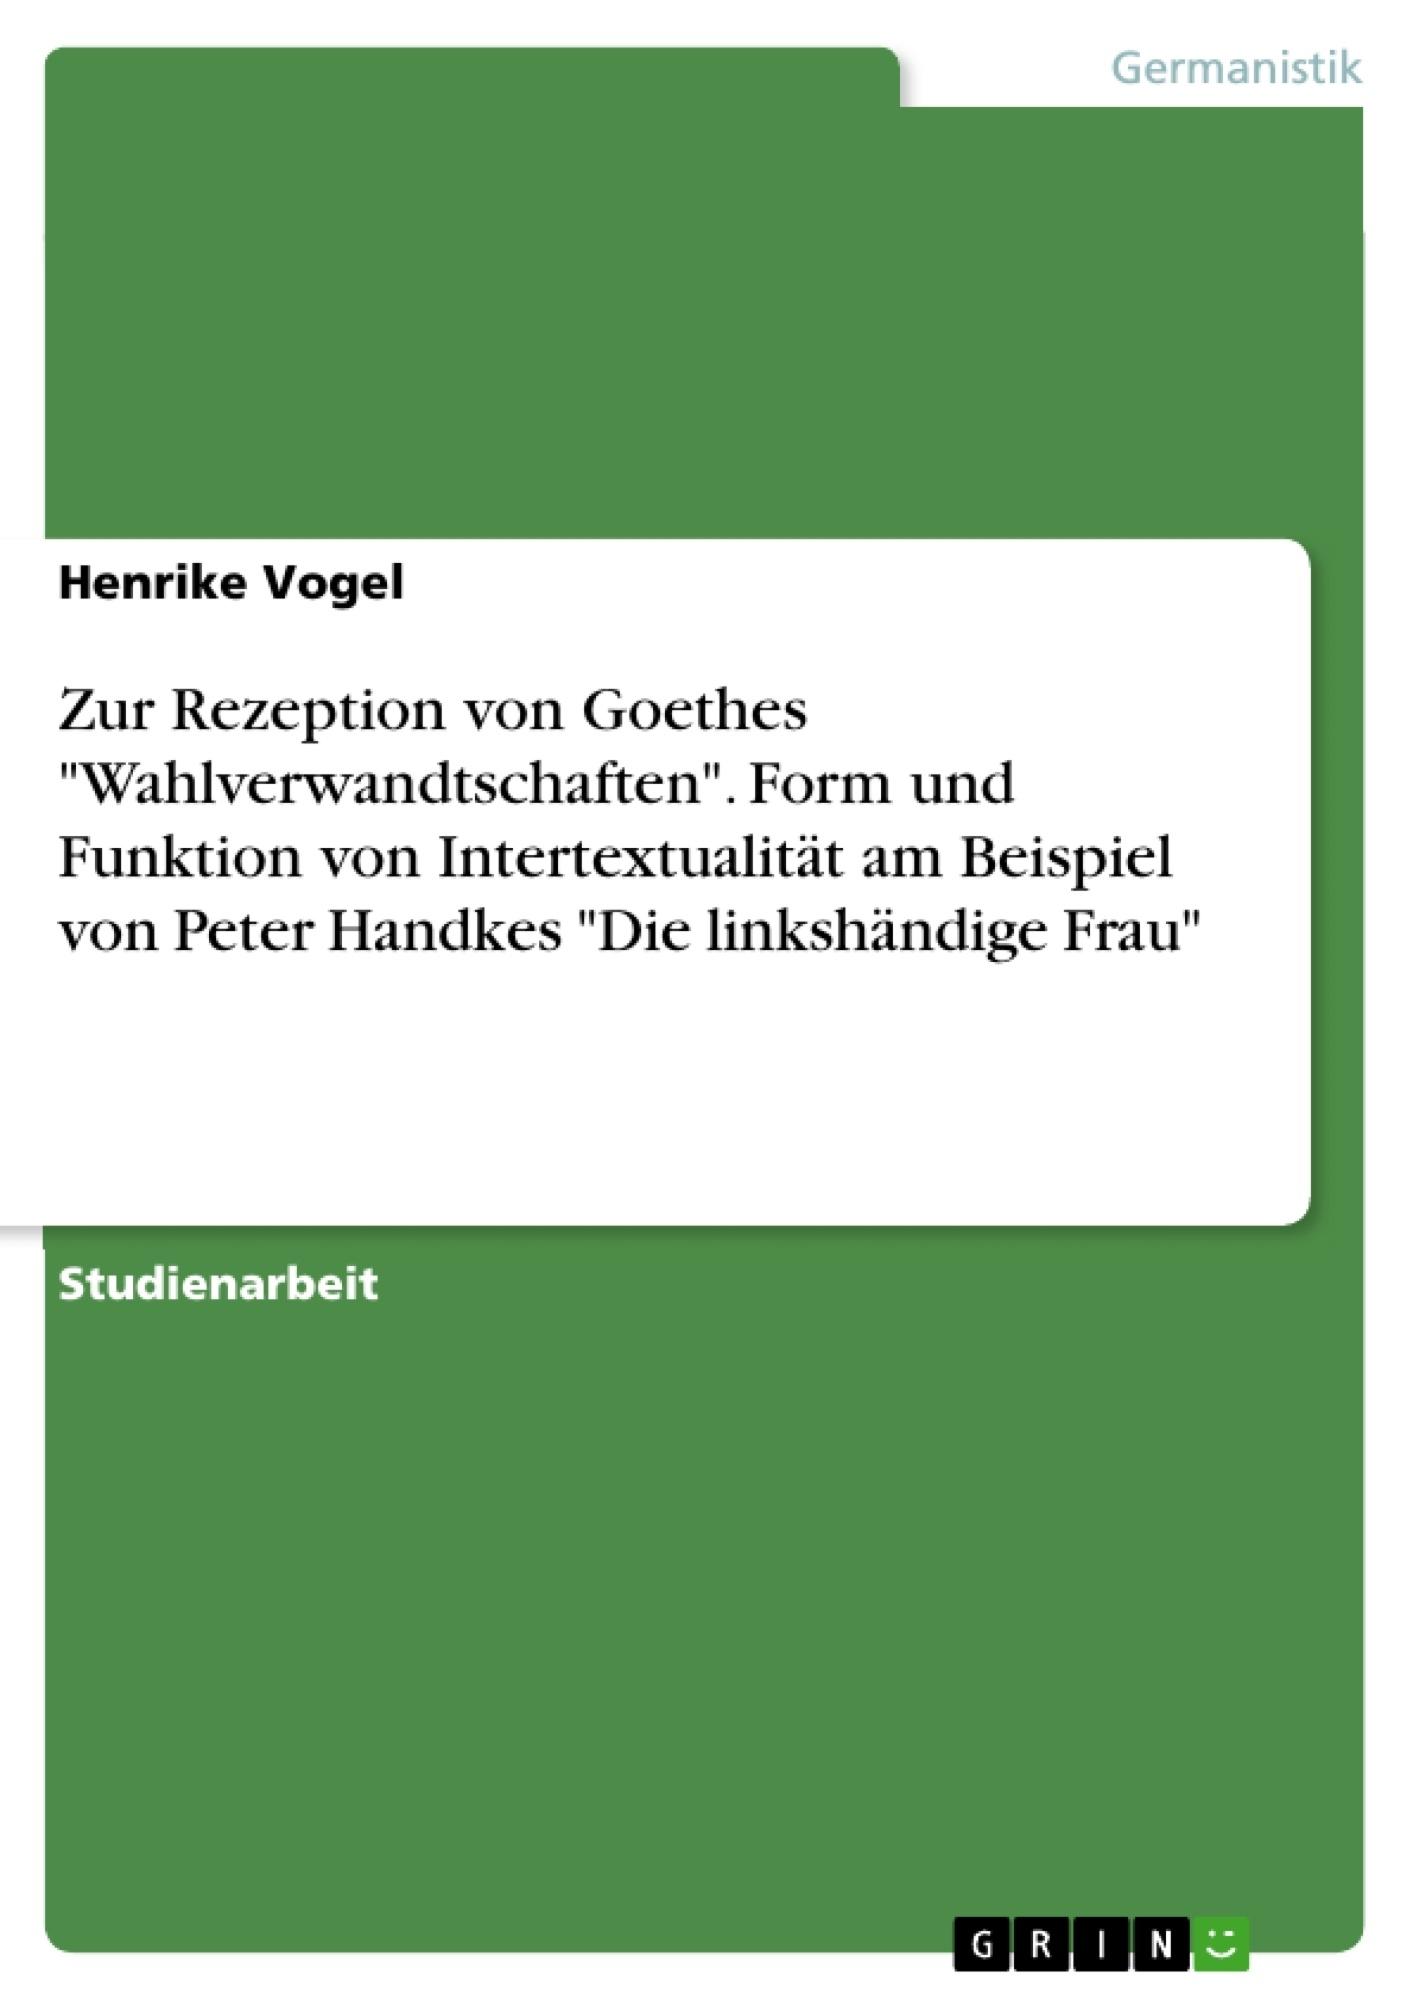 """Titel: Zur Rezeption von Goethes """"Wahlverwandtschaften"""". Form und Funktion von Intertextualität am Beispiel von Peter Handkes """"Die linkshändige Frau"""""""